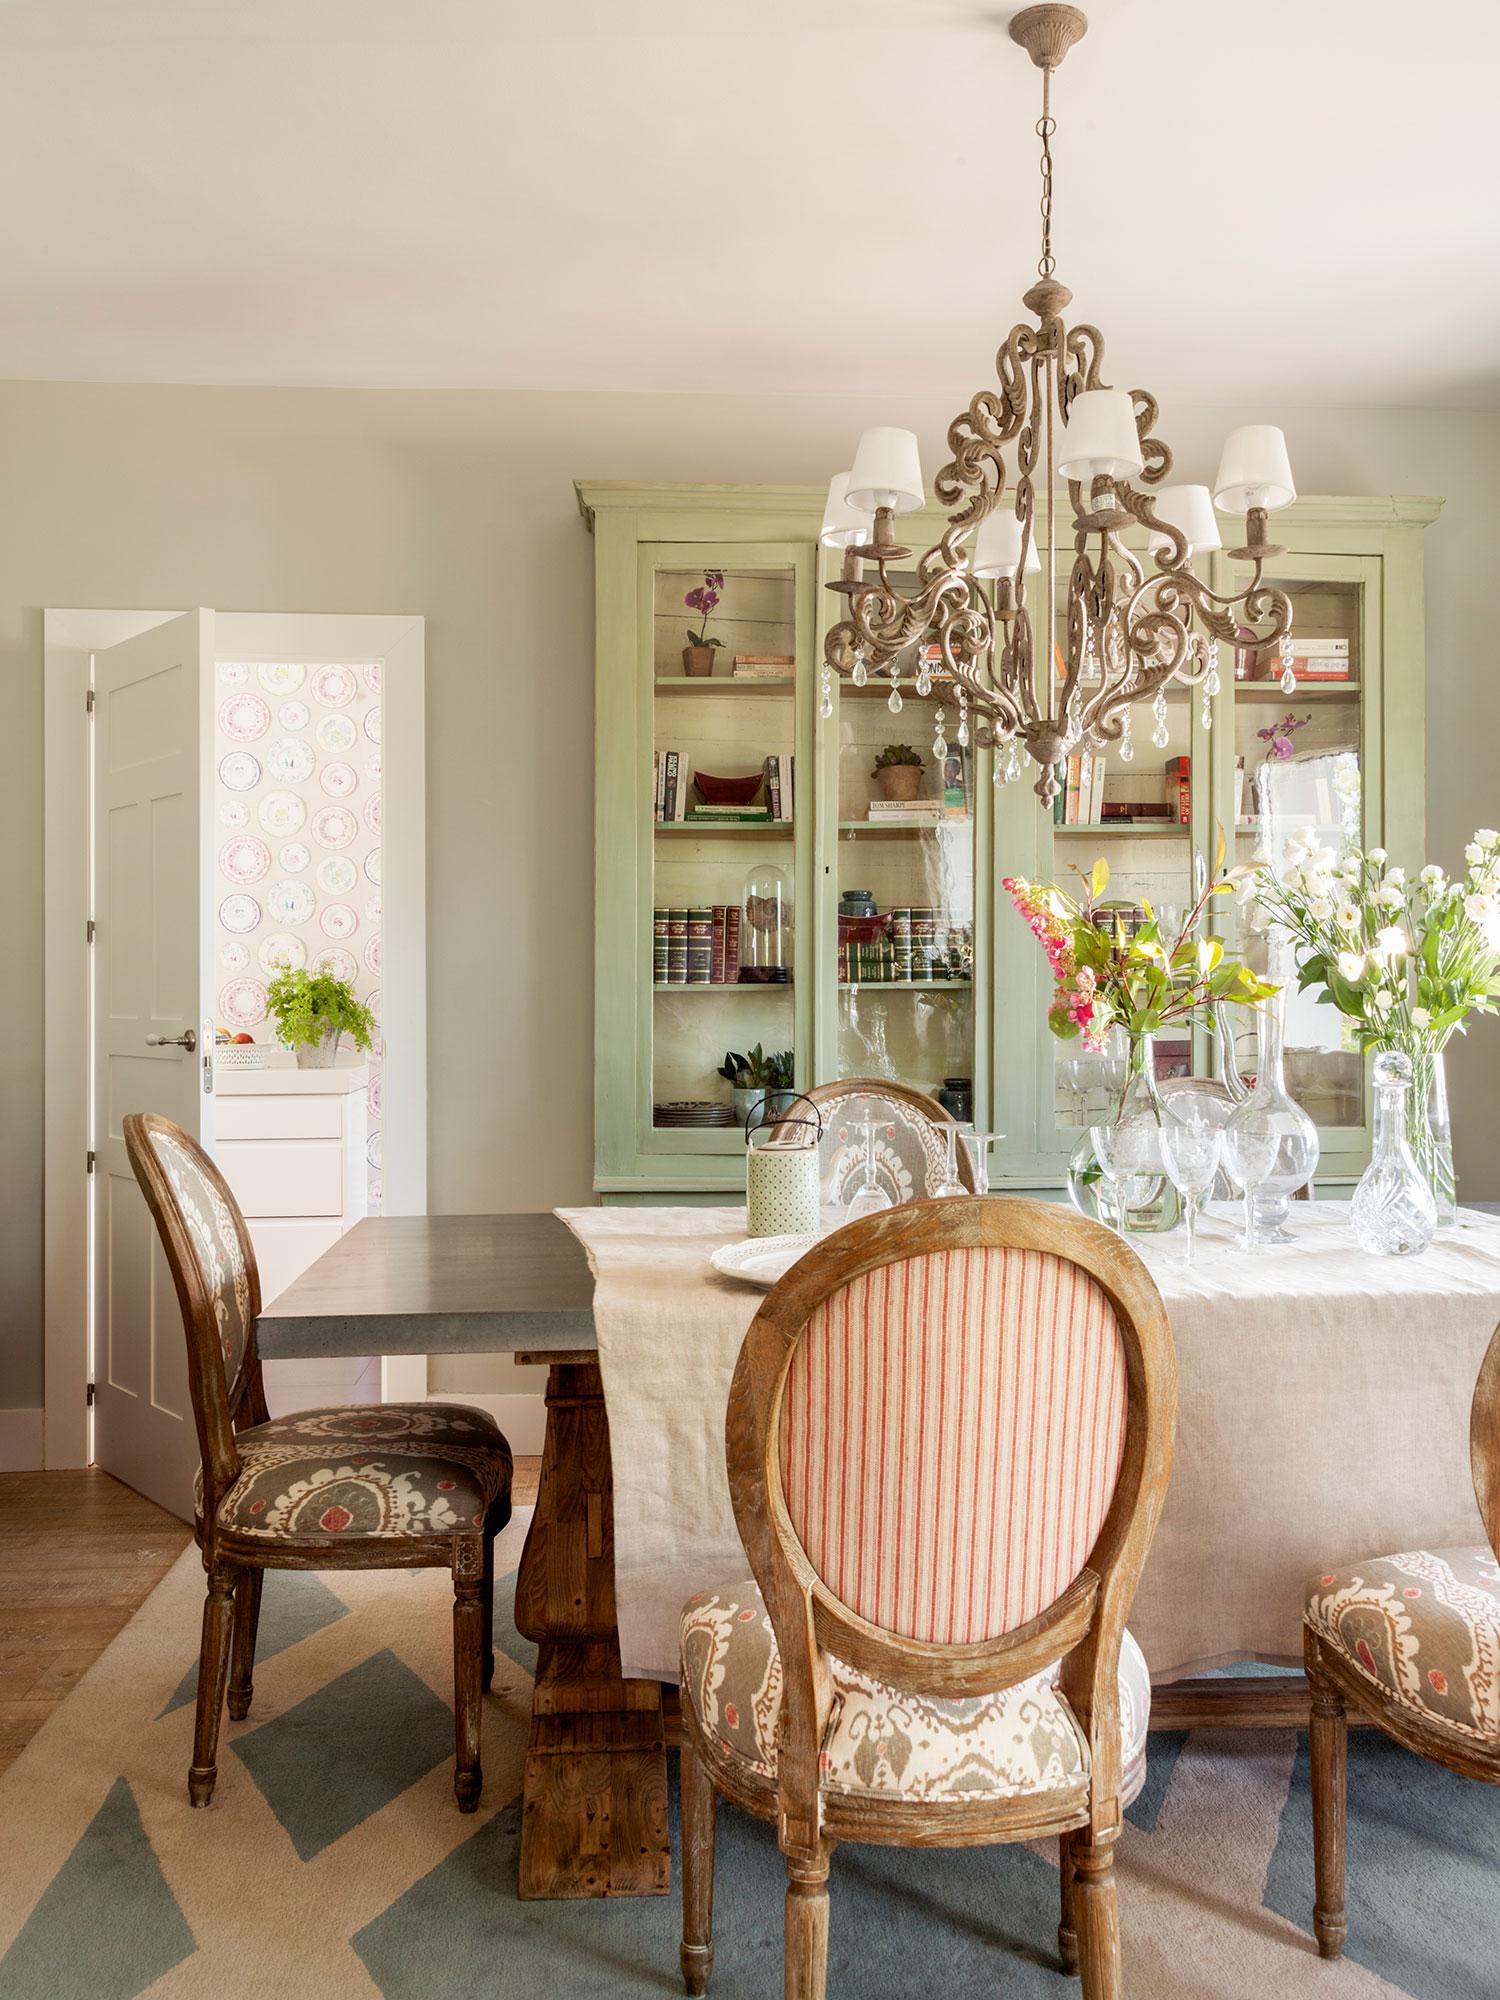 Decorar con flores 12 ideas para vestir tu casa de primavera - Sillas comedor clasicas tapizadas ...